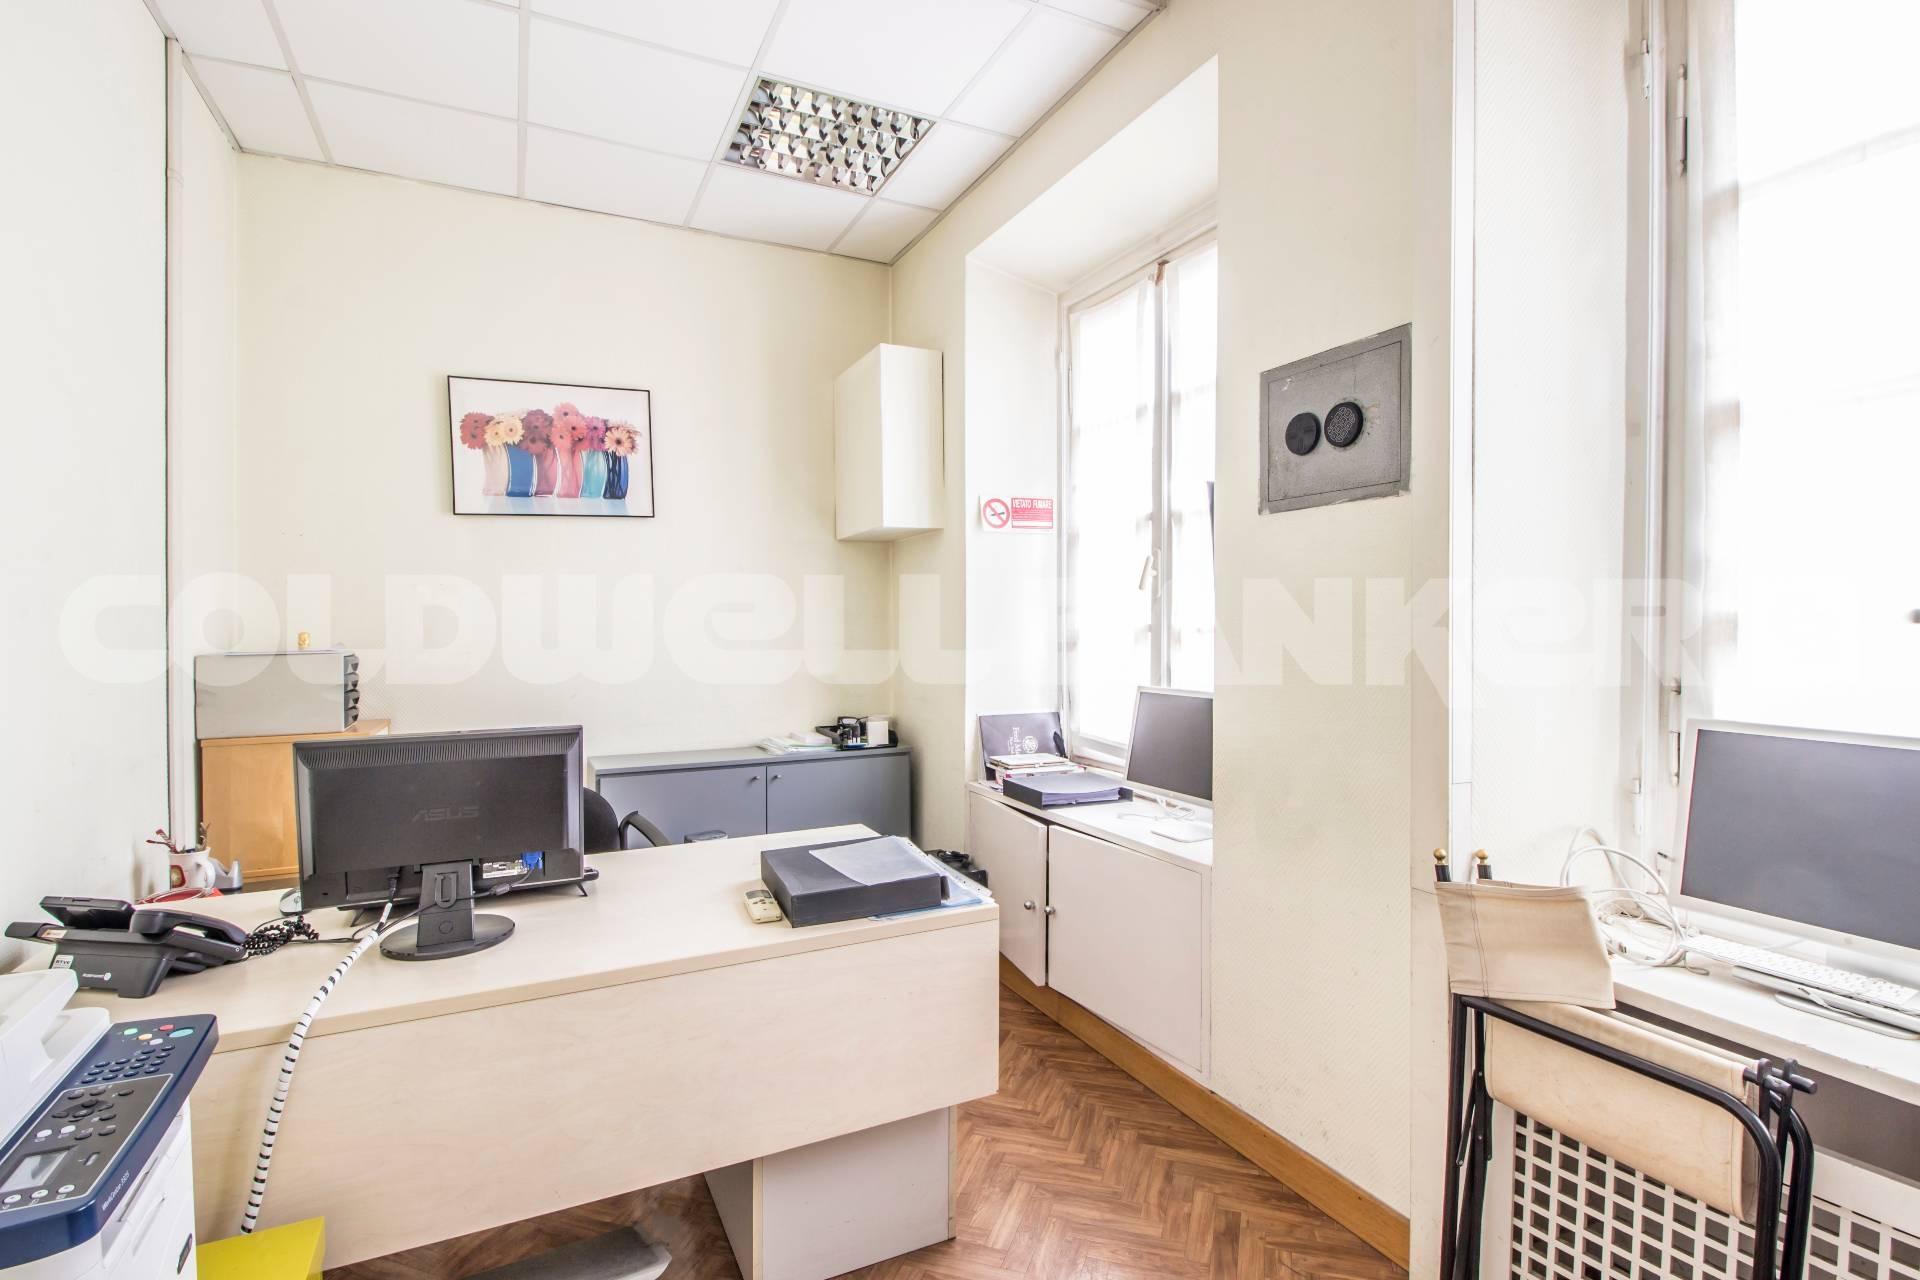 Cbi072 ex1070 ufficio in affitto a roma flaminio for Affitto postazione ufficio roma